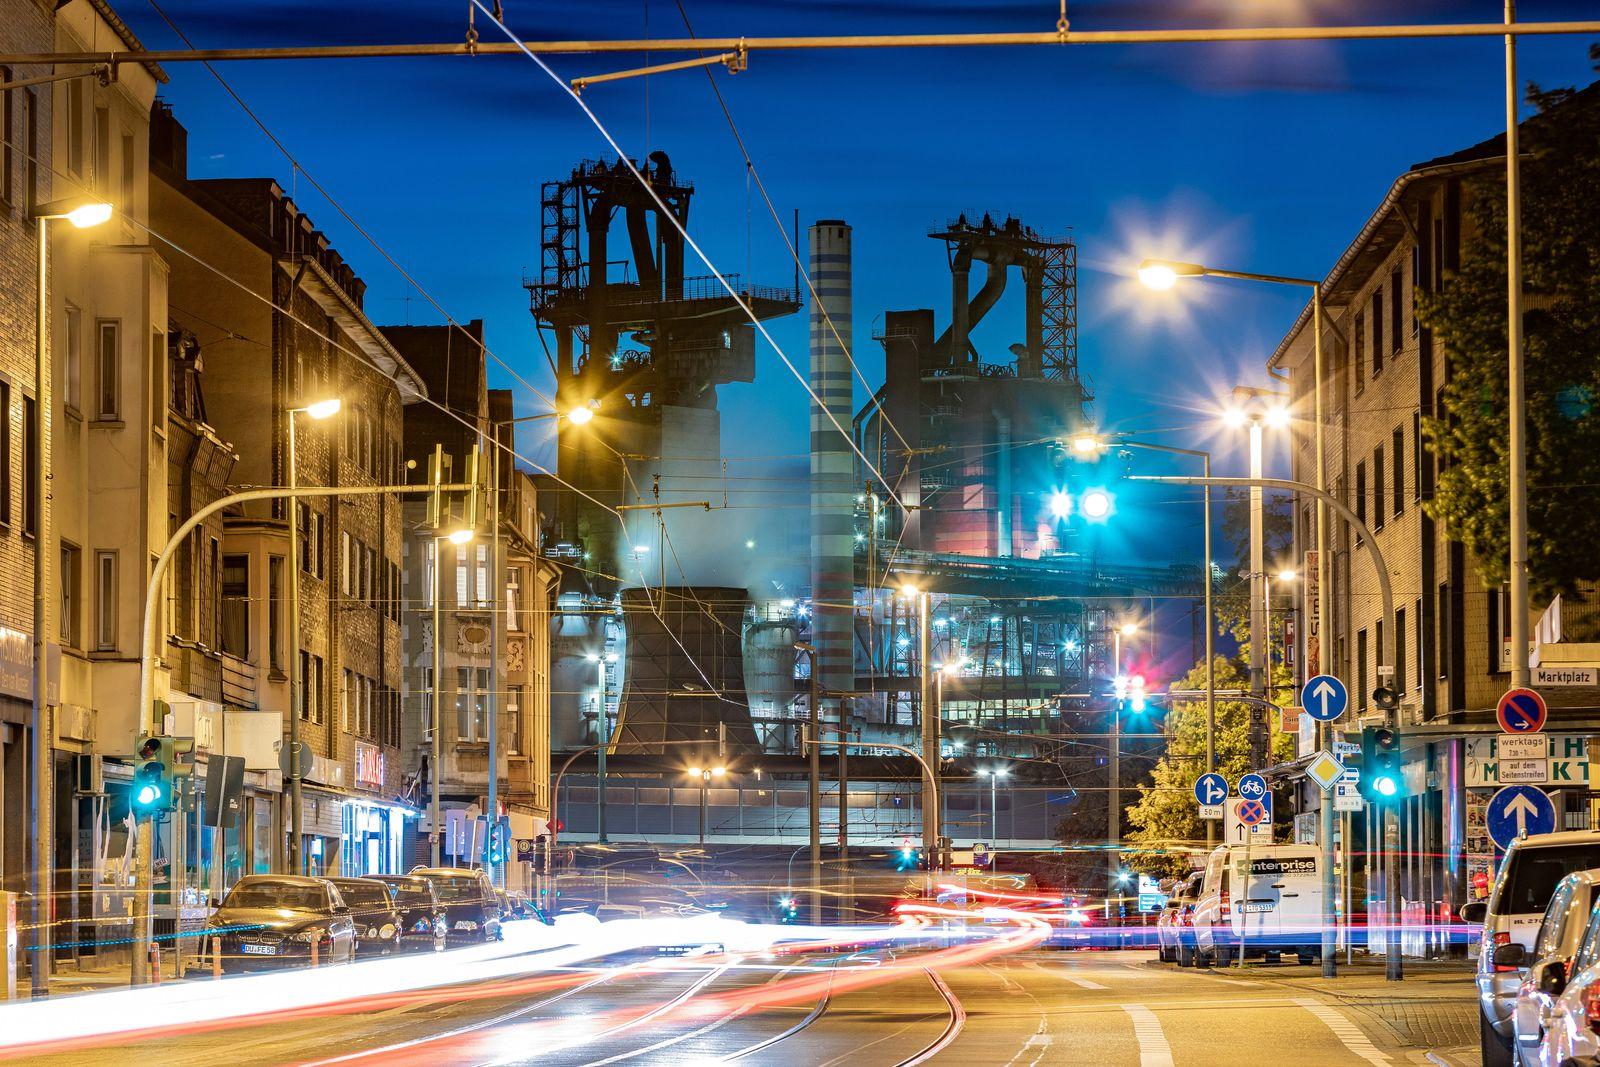 Thyssenkrupp / Stahlwerk